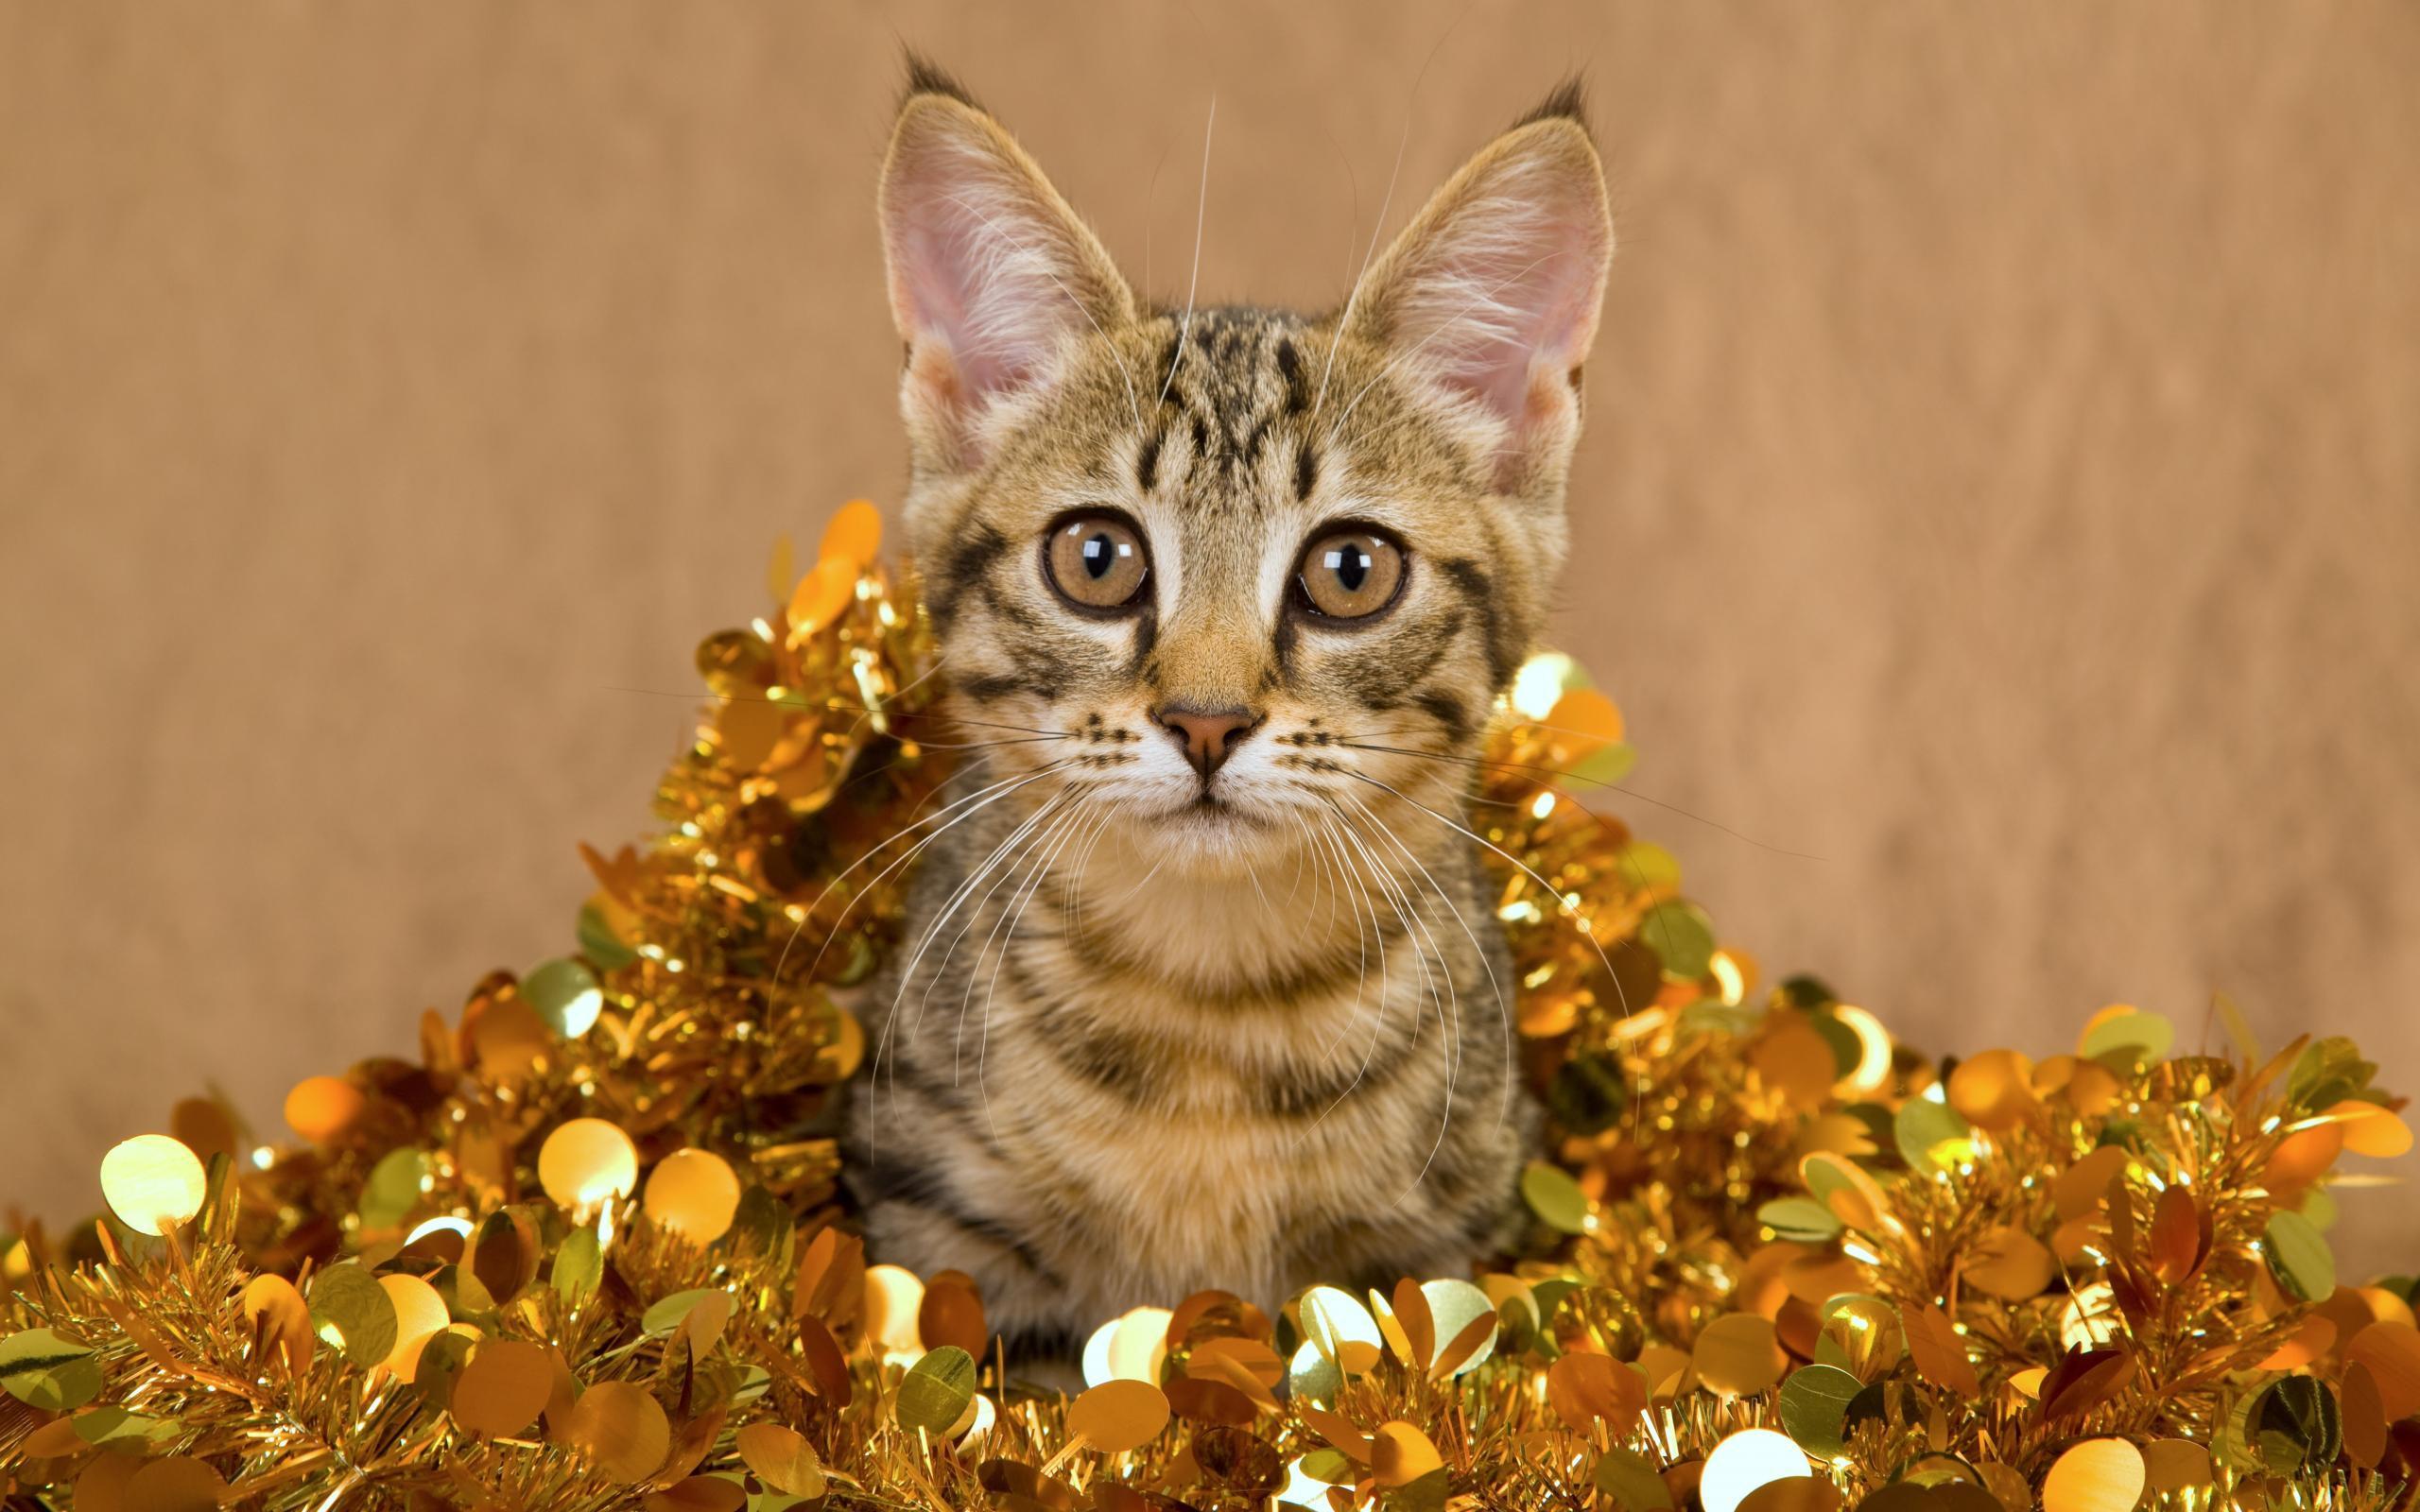 Un gato muy bonito - 2560x1600